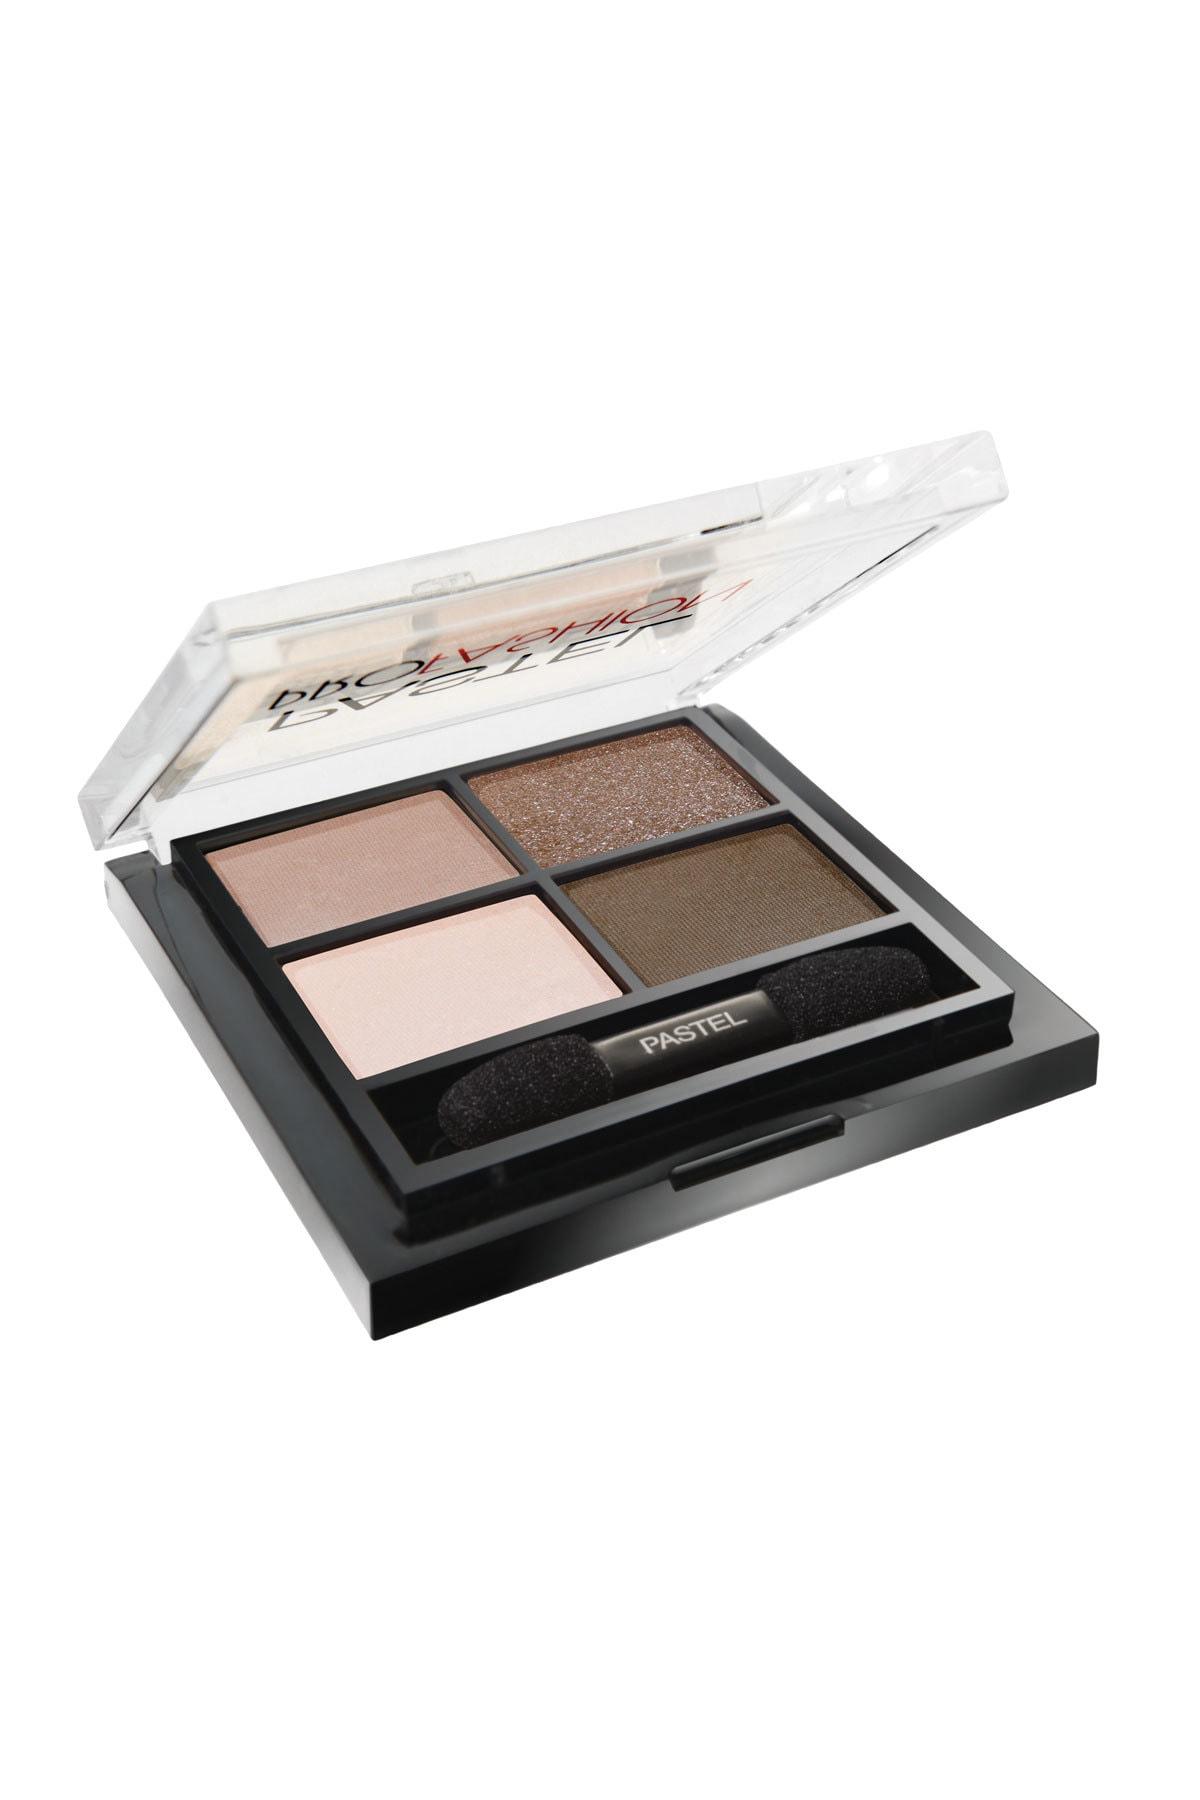 Pastel 4'lü Göz Farı - Eyeshadow Quad No 201 8690644032011 1